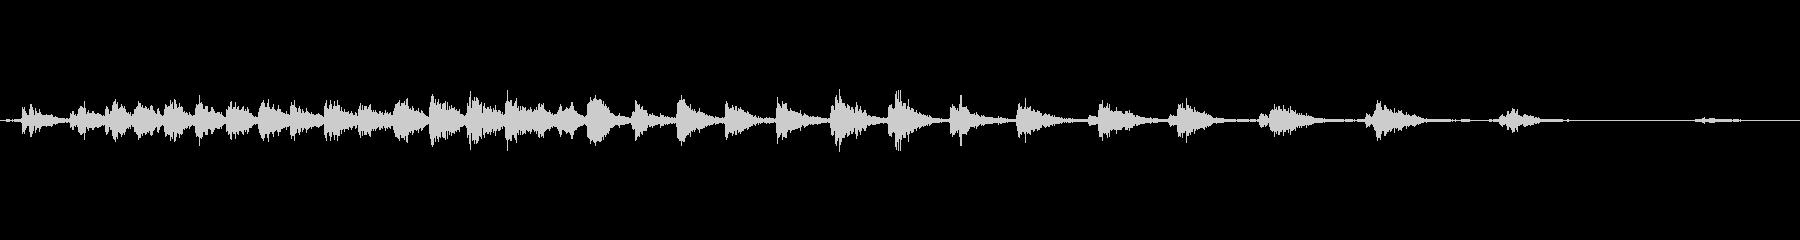 チェーンプルガラガラプーリーbの未再生の波形